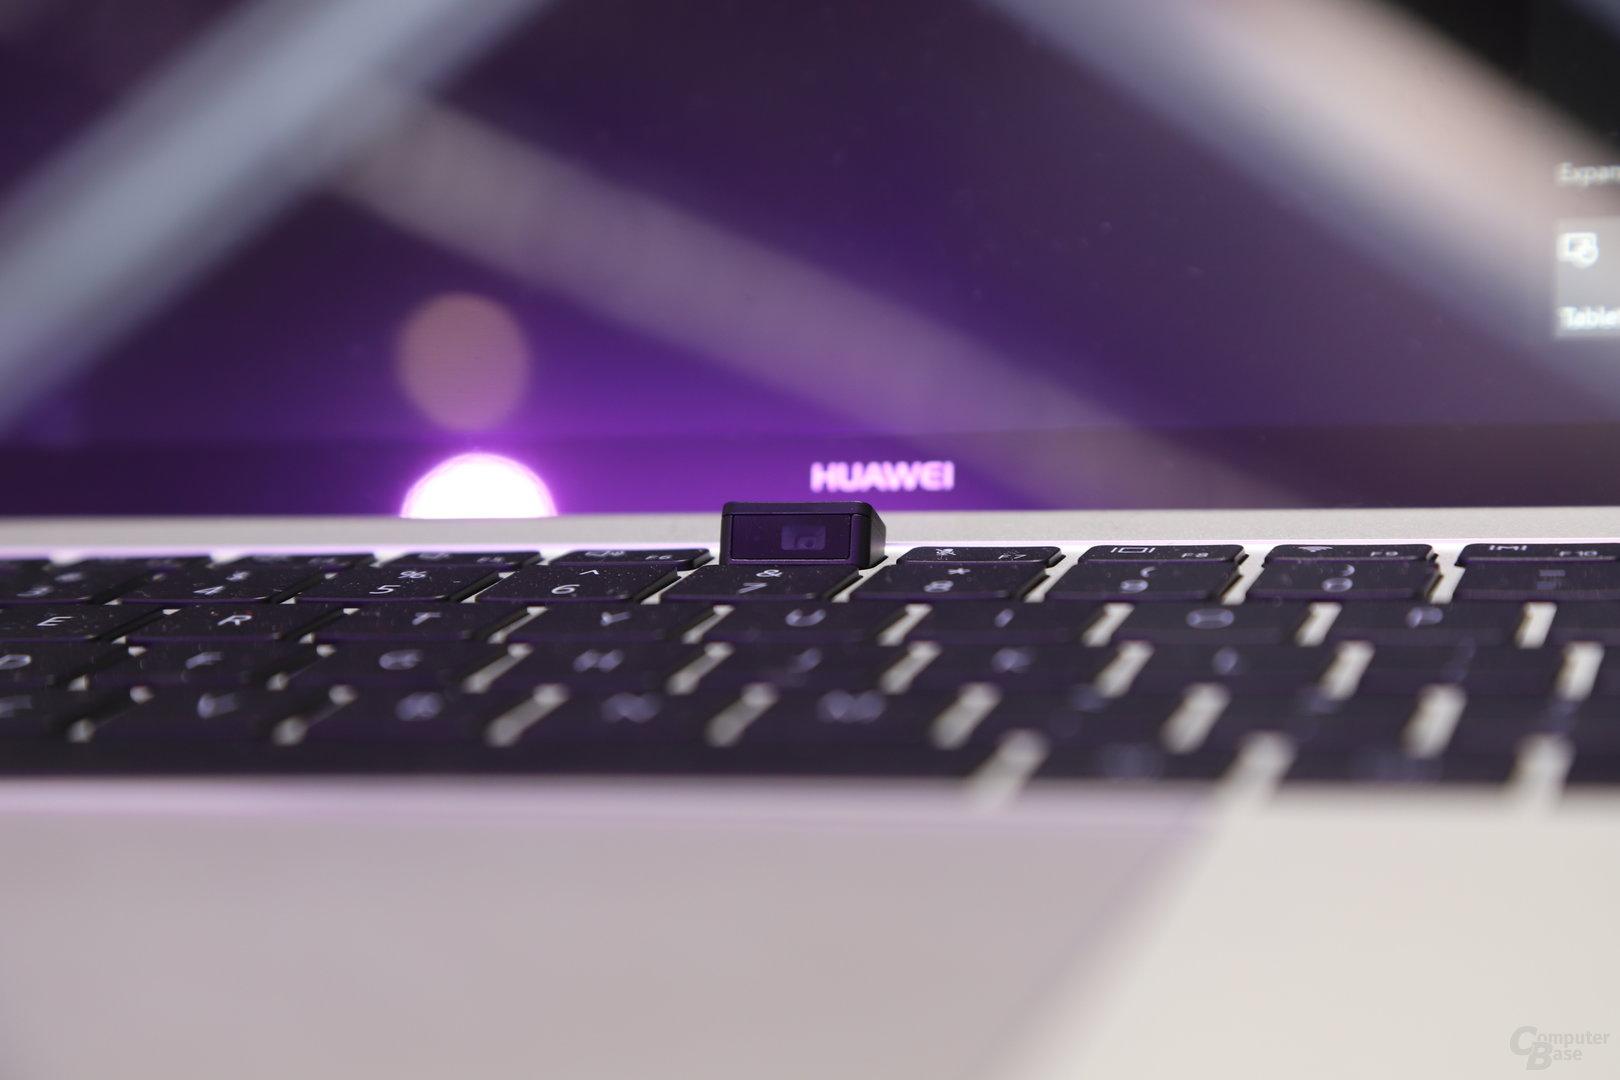 Tastatur mit ausgefahrener Webcam